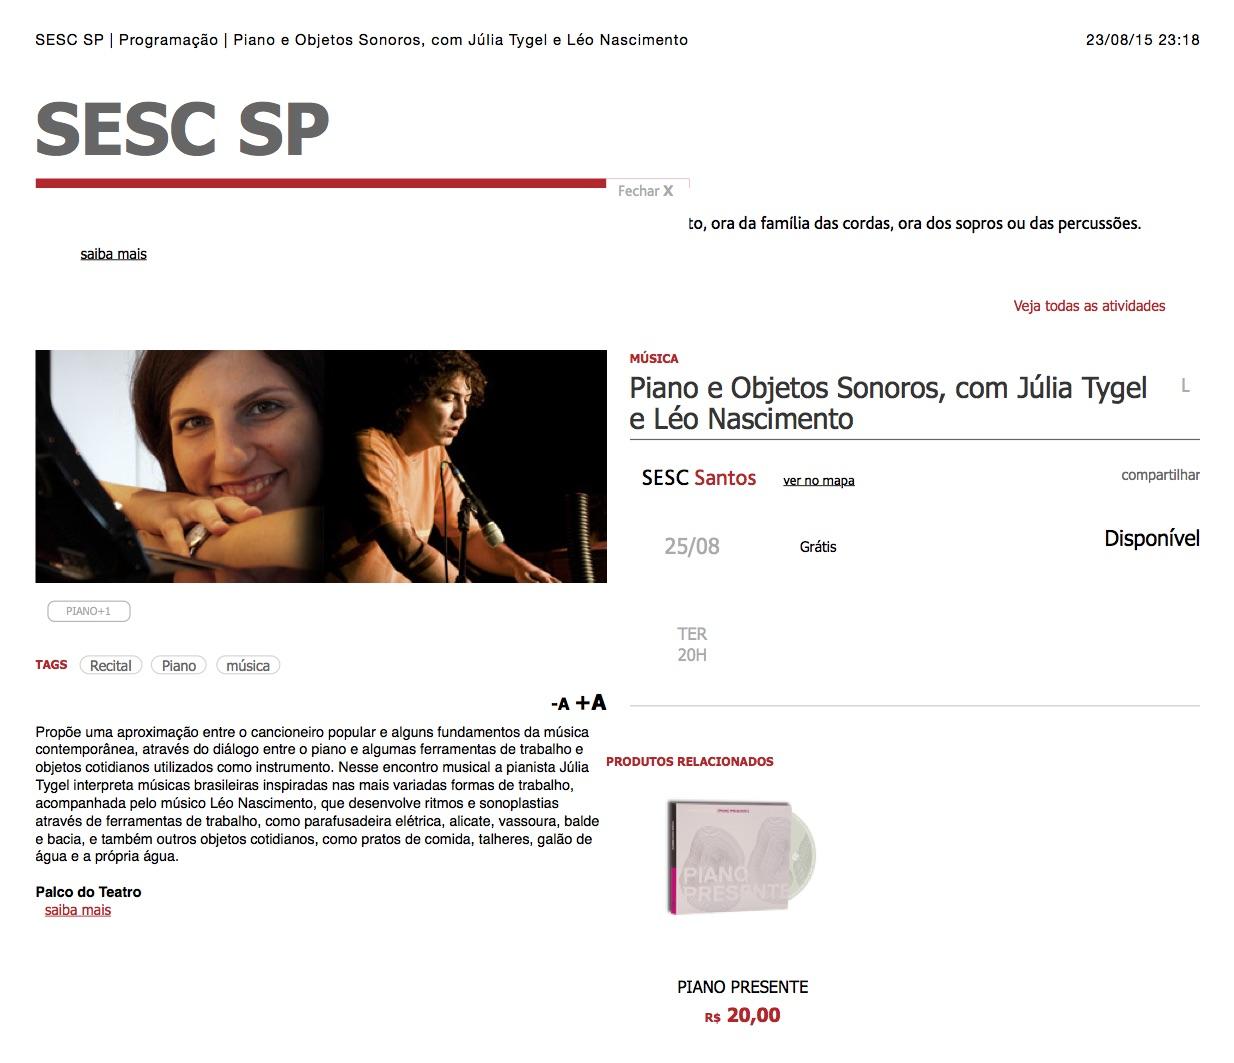 SESC_SP_|_Programação_|_Piano_e_Objetos_Sonoros,_com_Júlia_Tygel_e_Léo_Nascimento